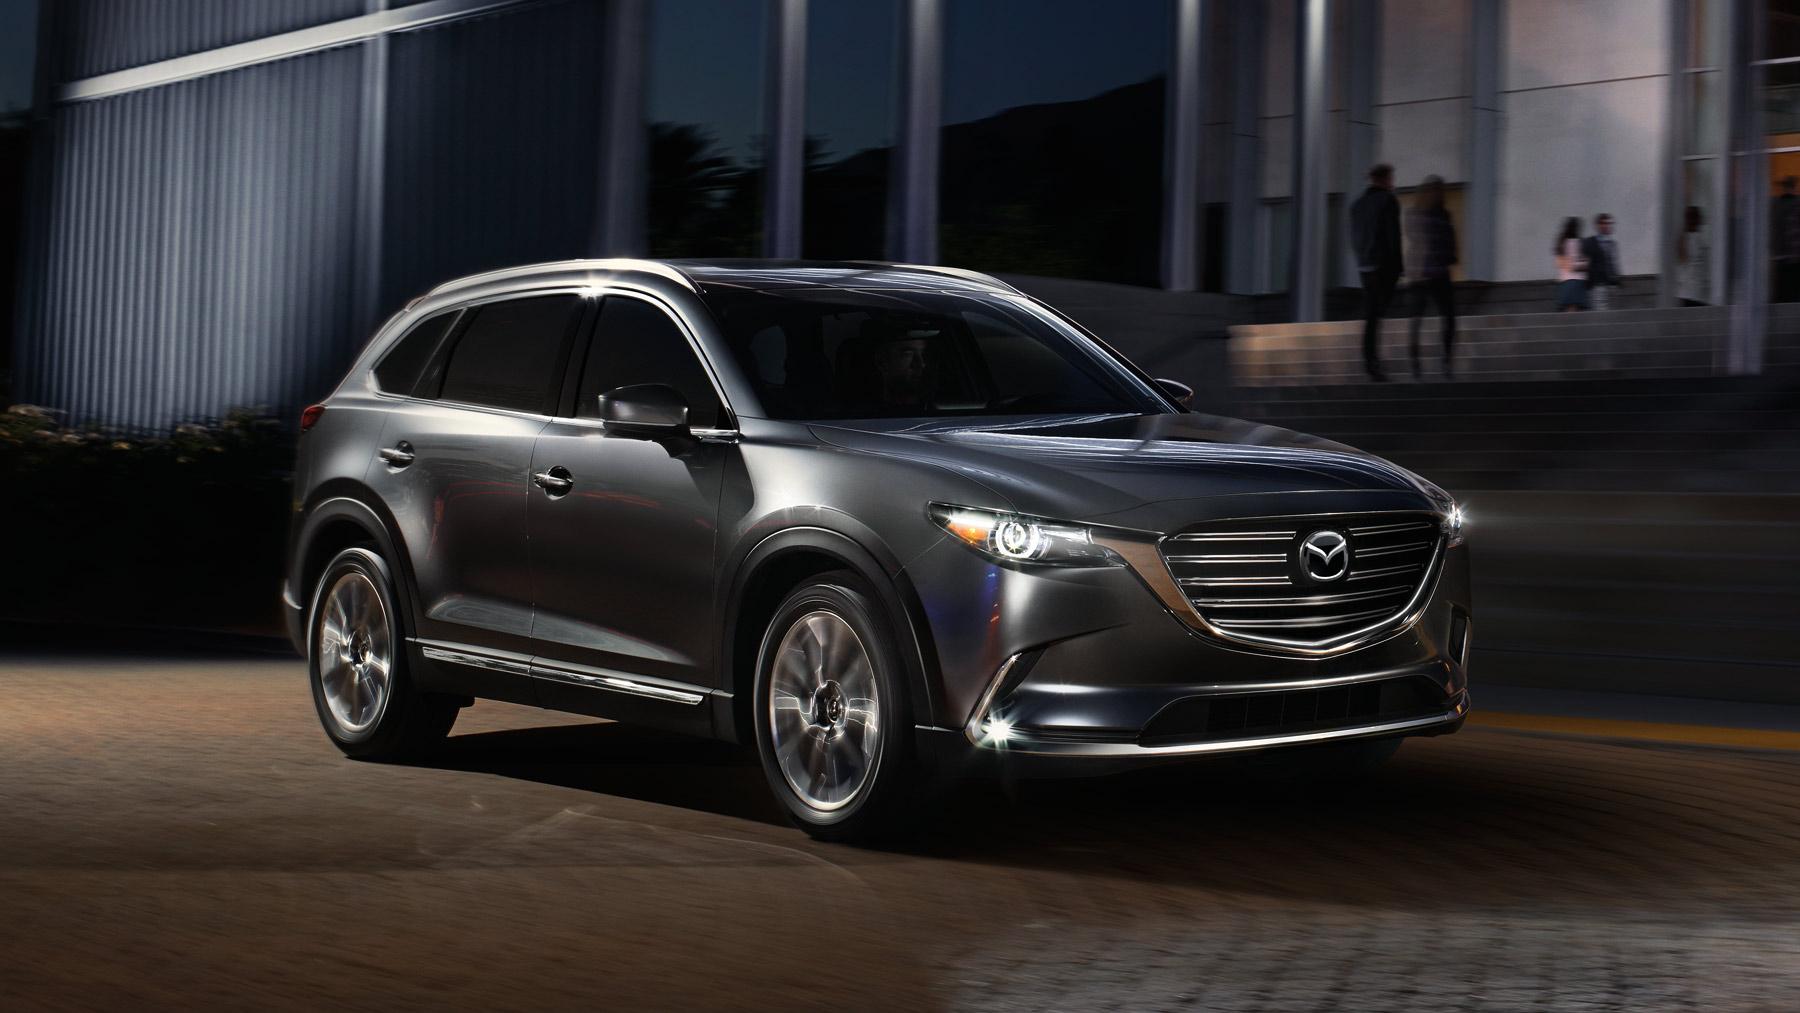 Suv Mazda Cx 9 De 3 Filas 2017 Fotos Y Videos Mazda Usa